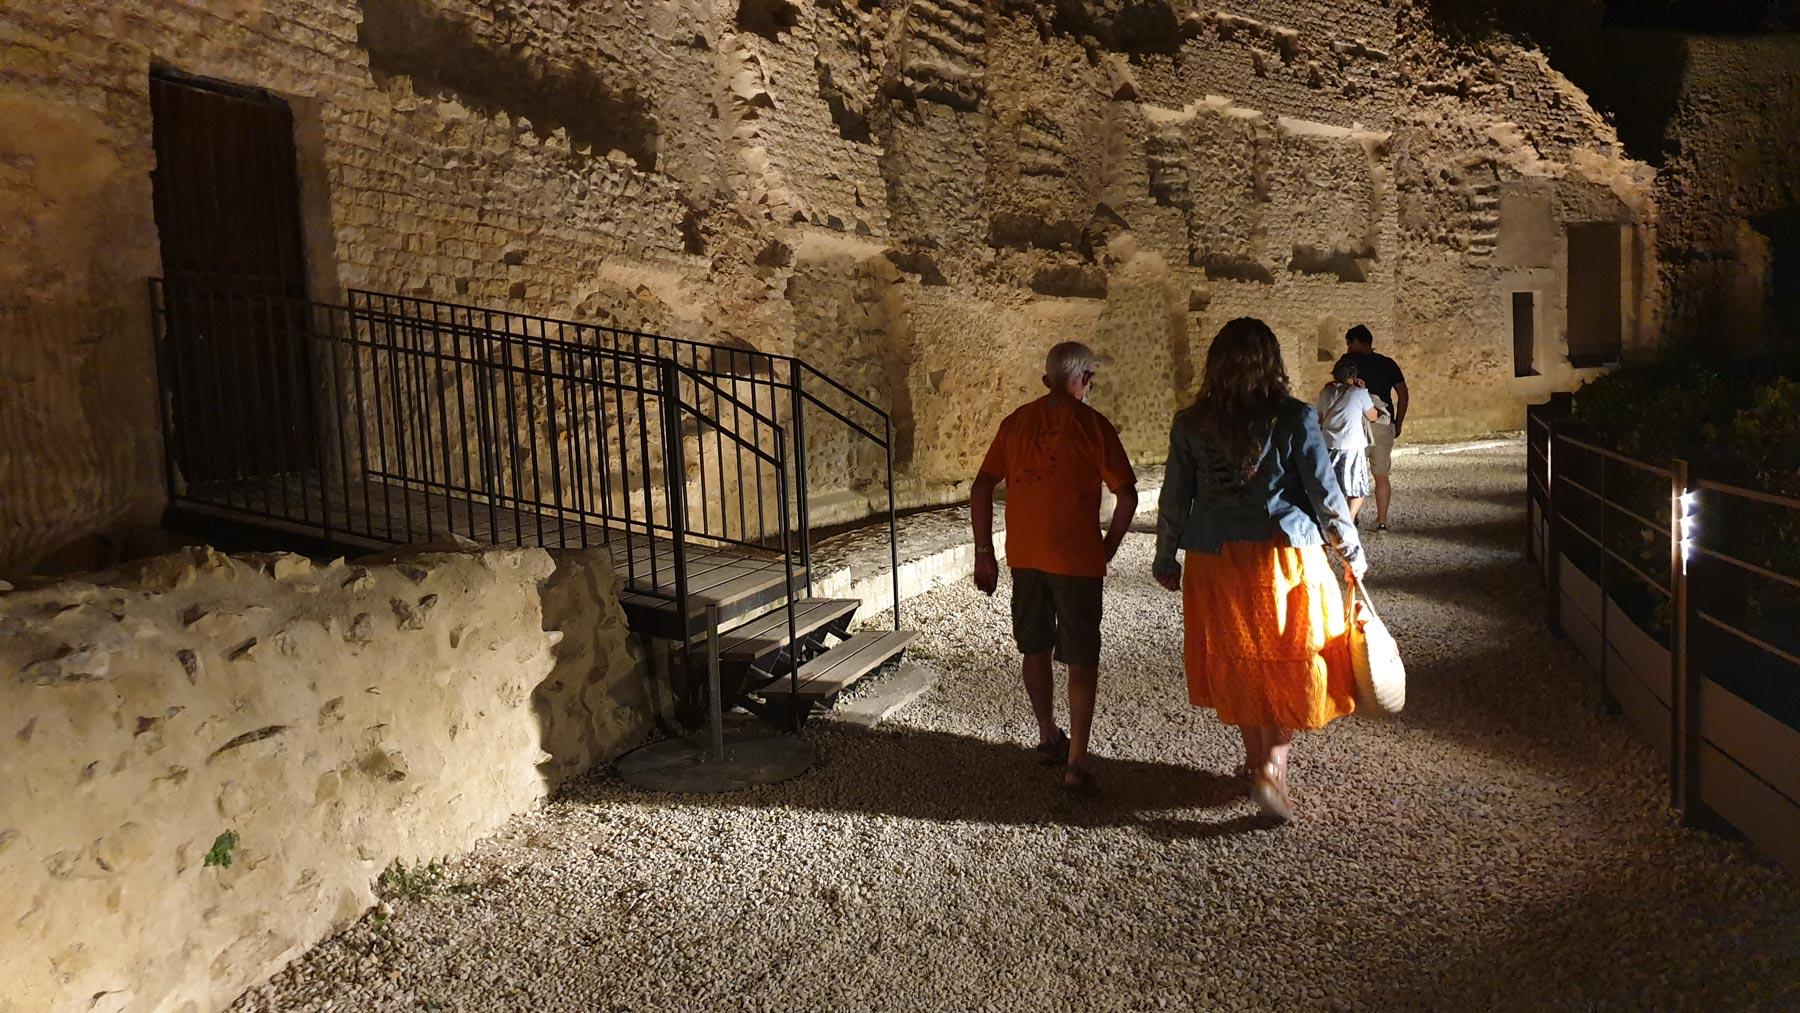 hémicycle du théatre antique romain d'orange de nuit